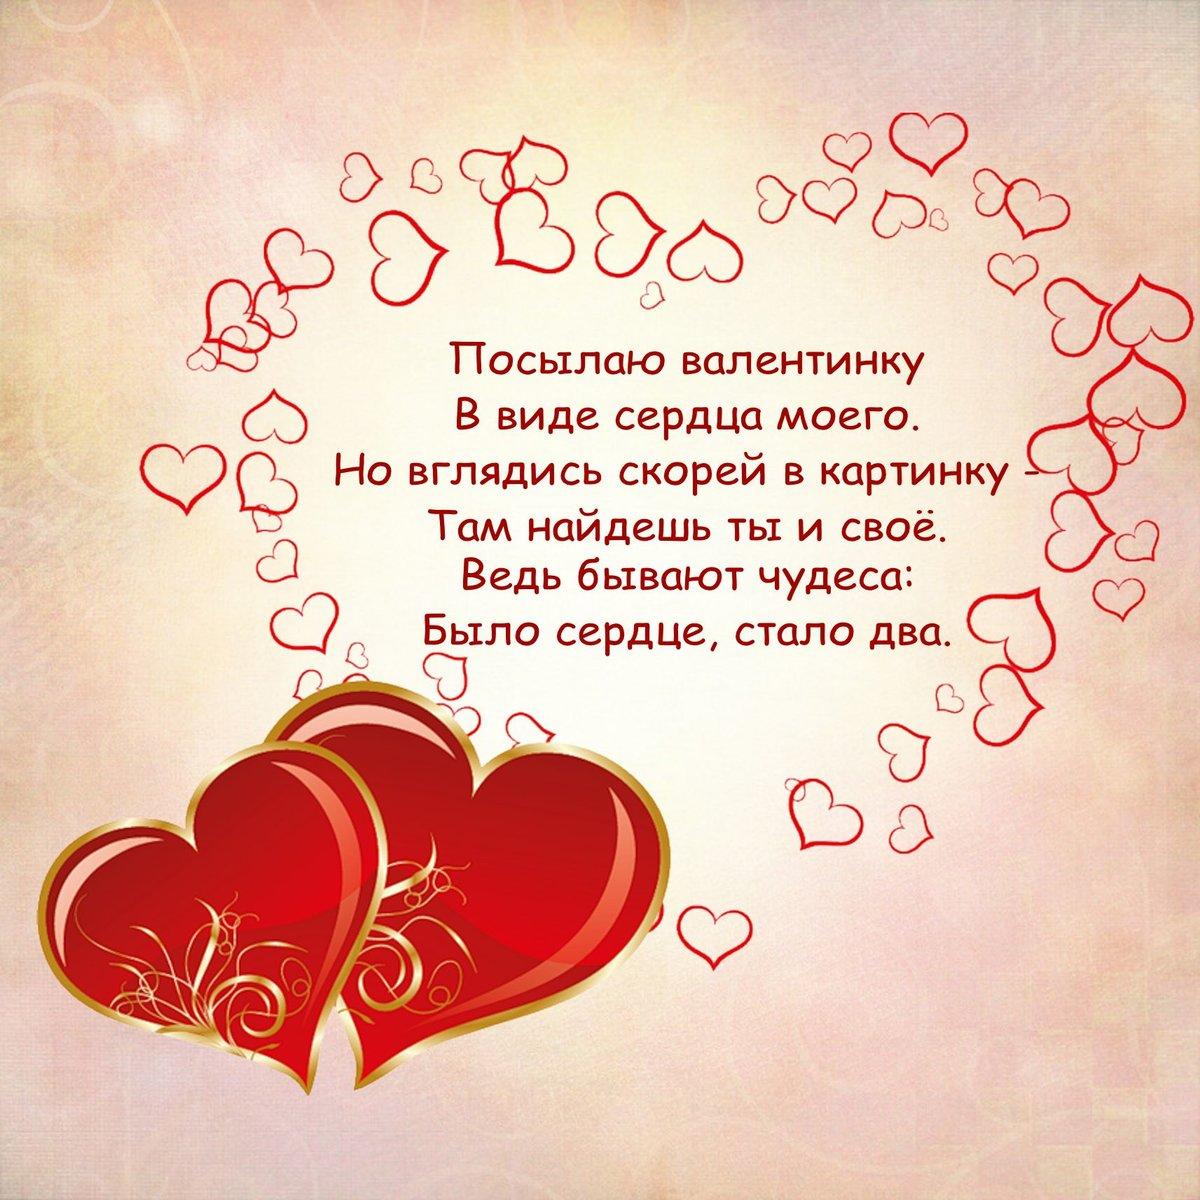 Поздравления на день всех влюбленных и день валентины